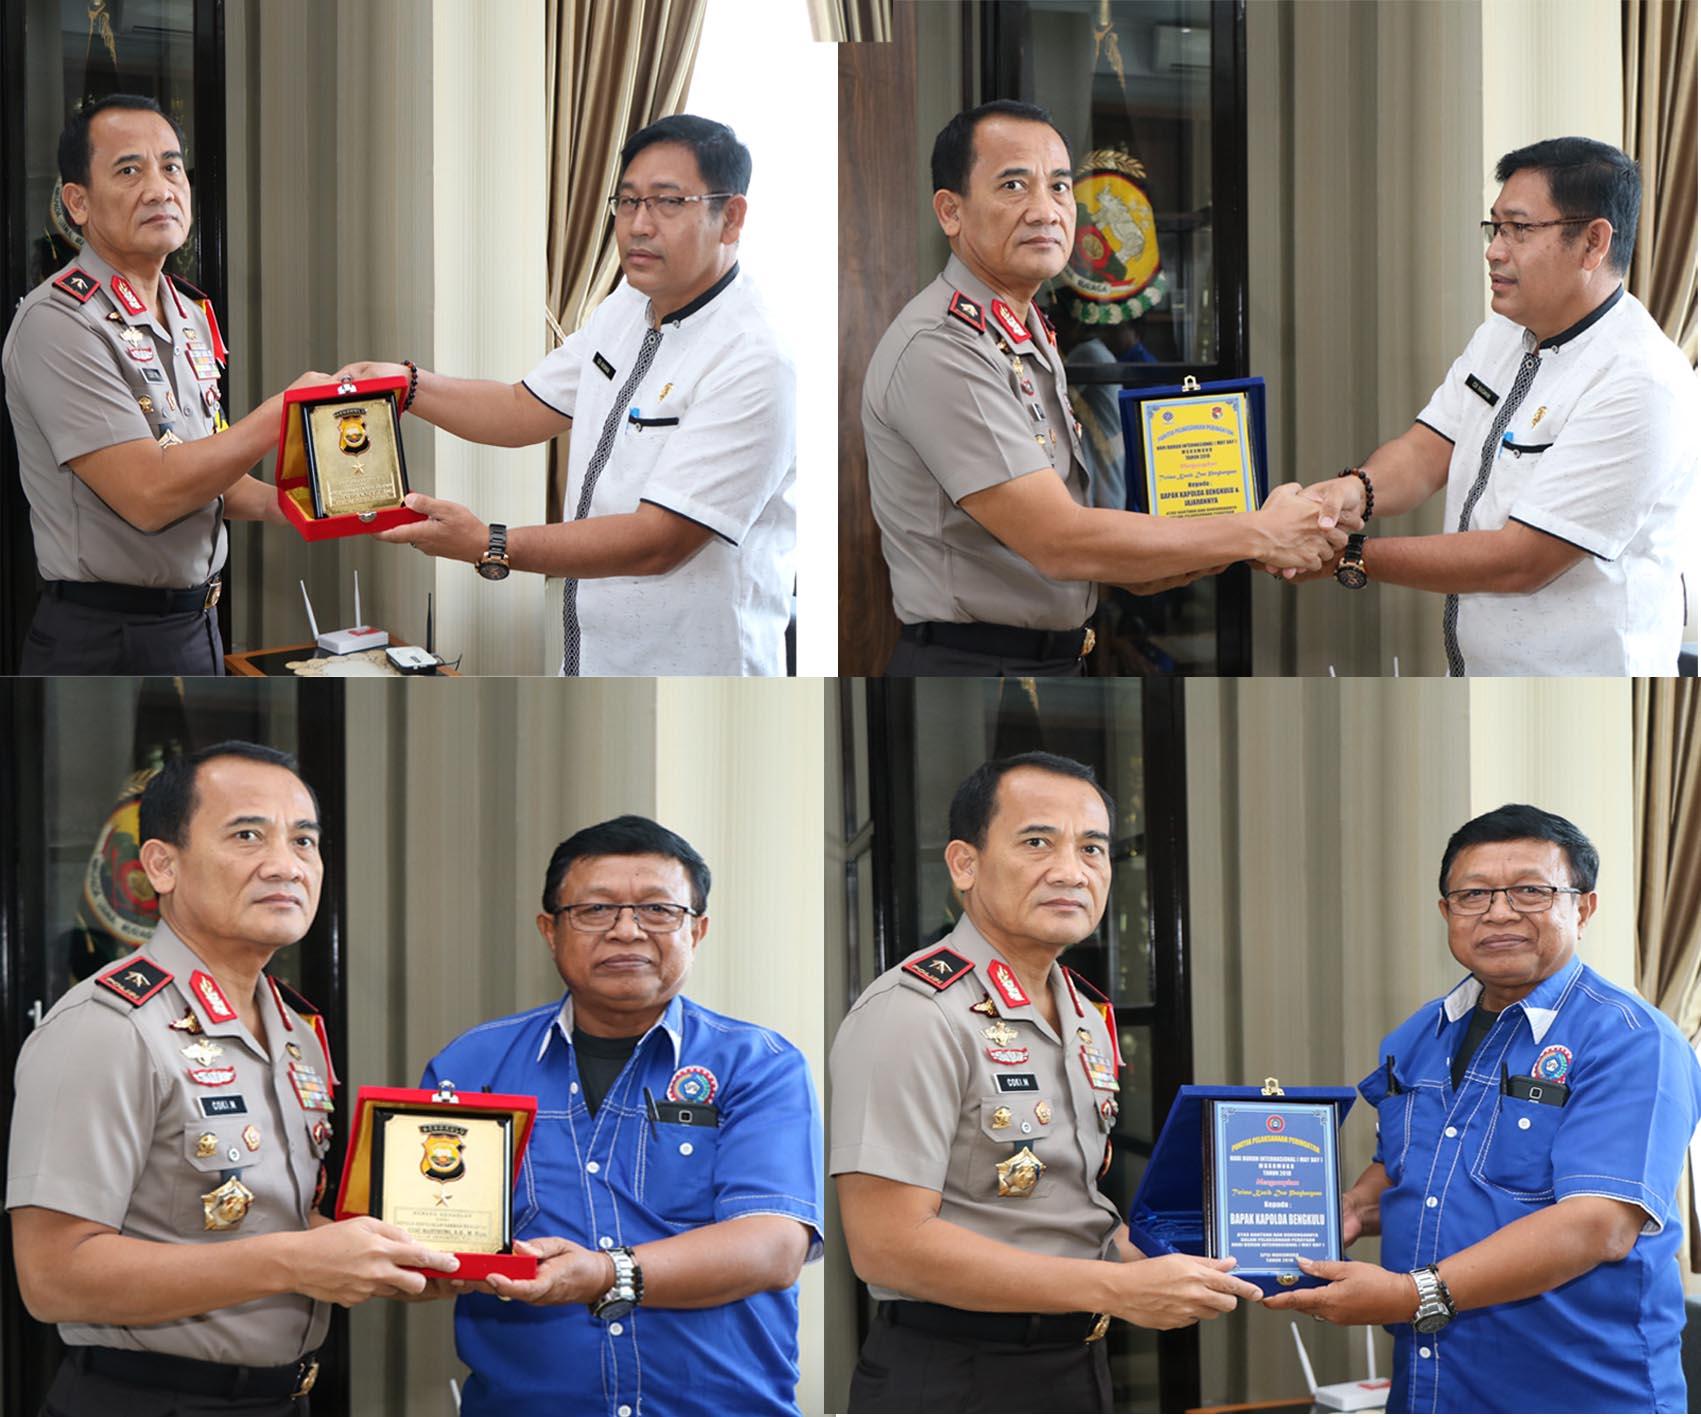 Pelaksanaan MayDay Aman dan Tertib, (DPMPPTK) dan (SPSI) Mukomuko Apresiasi Polda Bengkulu